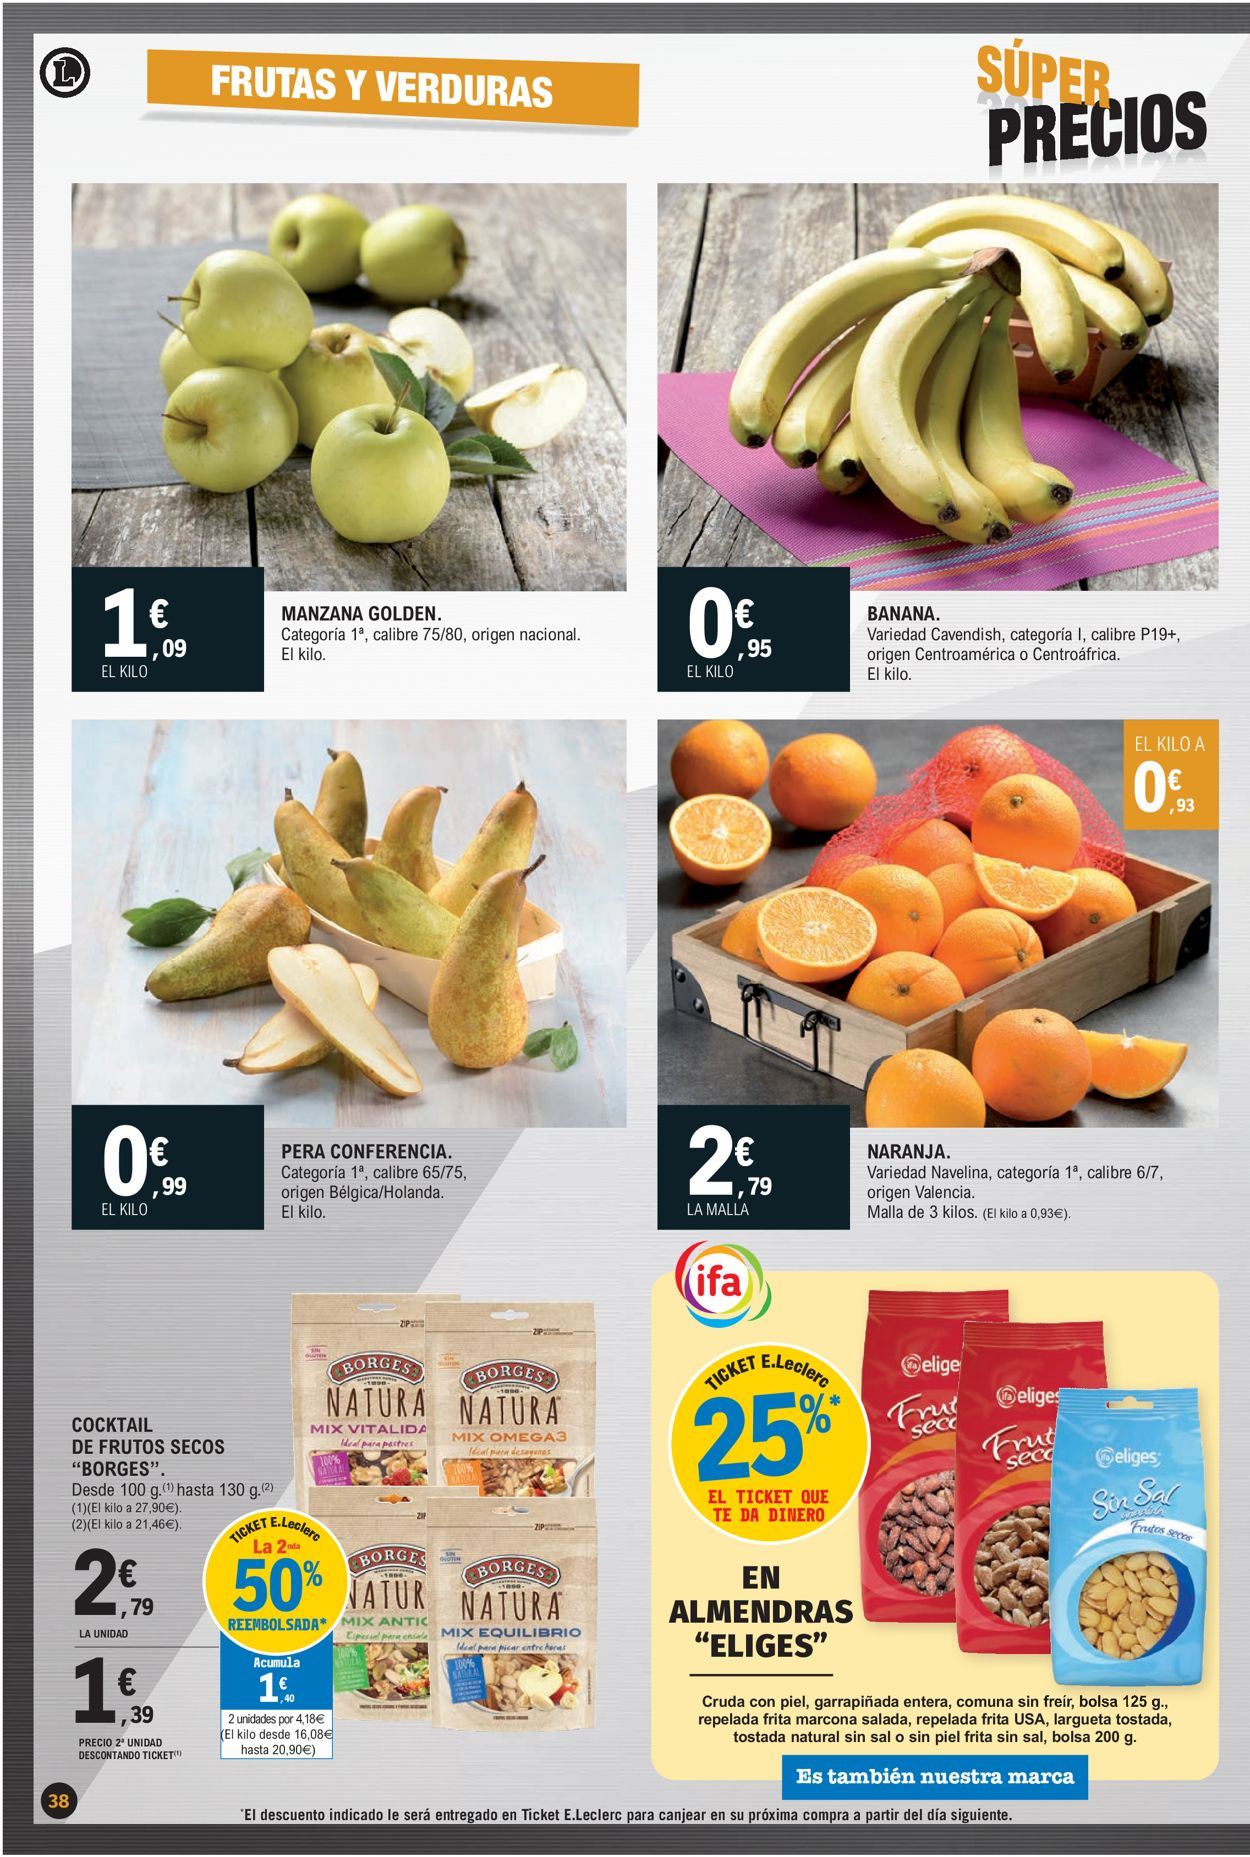 E.leclerc Súper Precios 2021 Folleto - 07.01-17.01.2021 (Página 38)